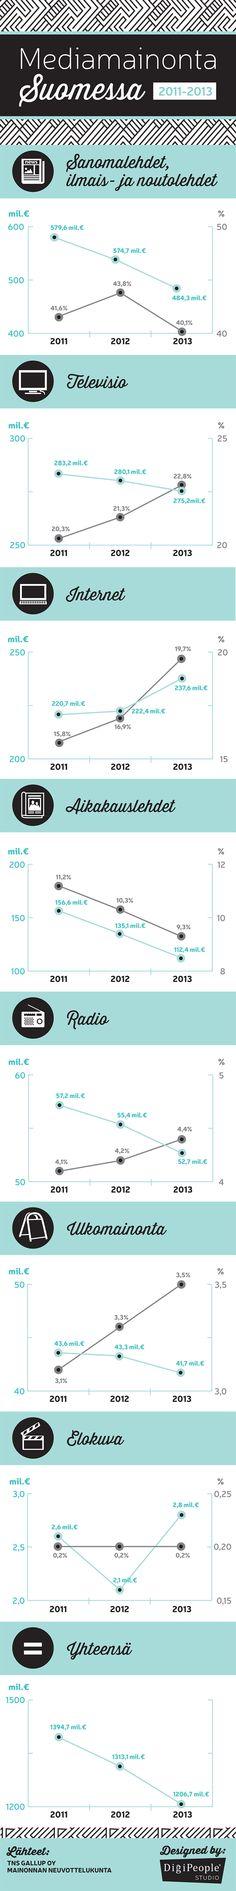 Mediamainonta Suomessa Infograafi kertoo ja visualisoi yksinkertaisella tavalla kuinka Suomen mediamainonnan rahat ovat jakautuneet intermedia tasolla vuosina 2011, 2012 ja 2013.